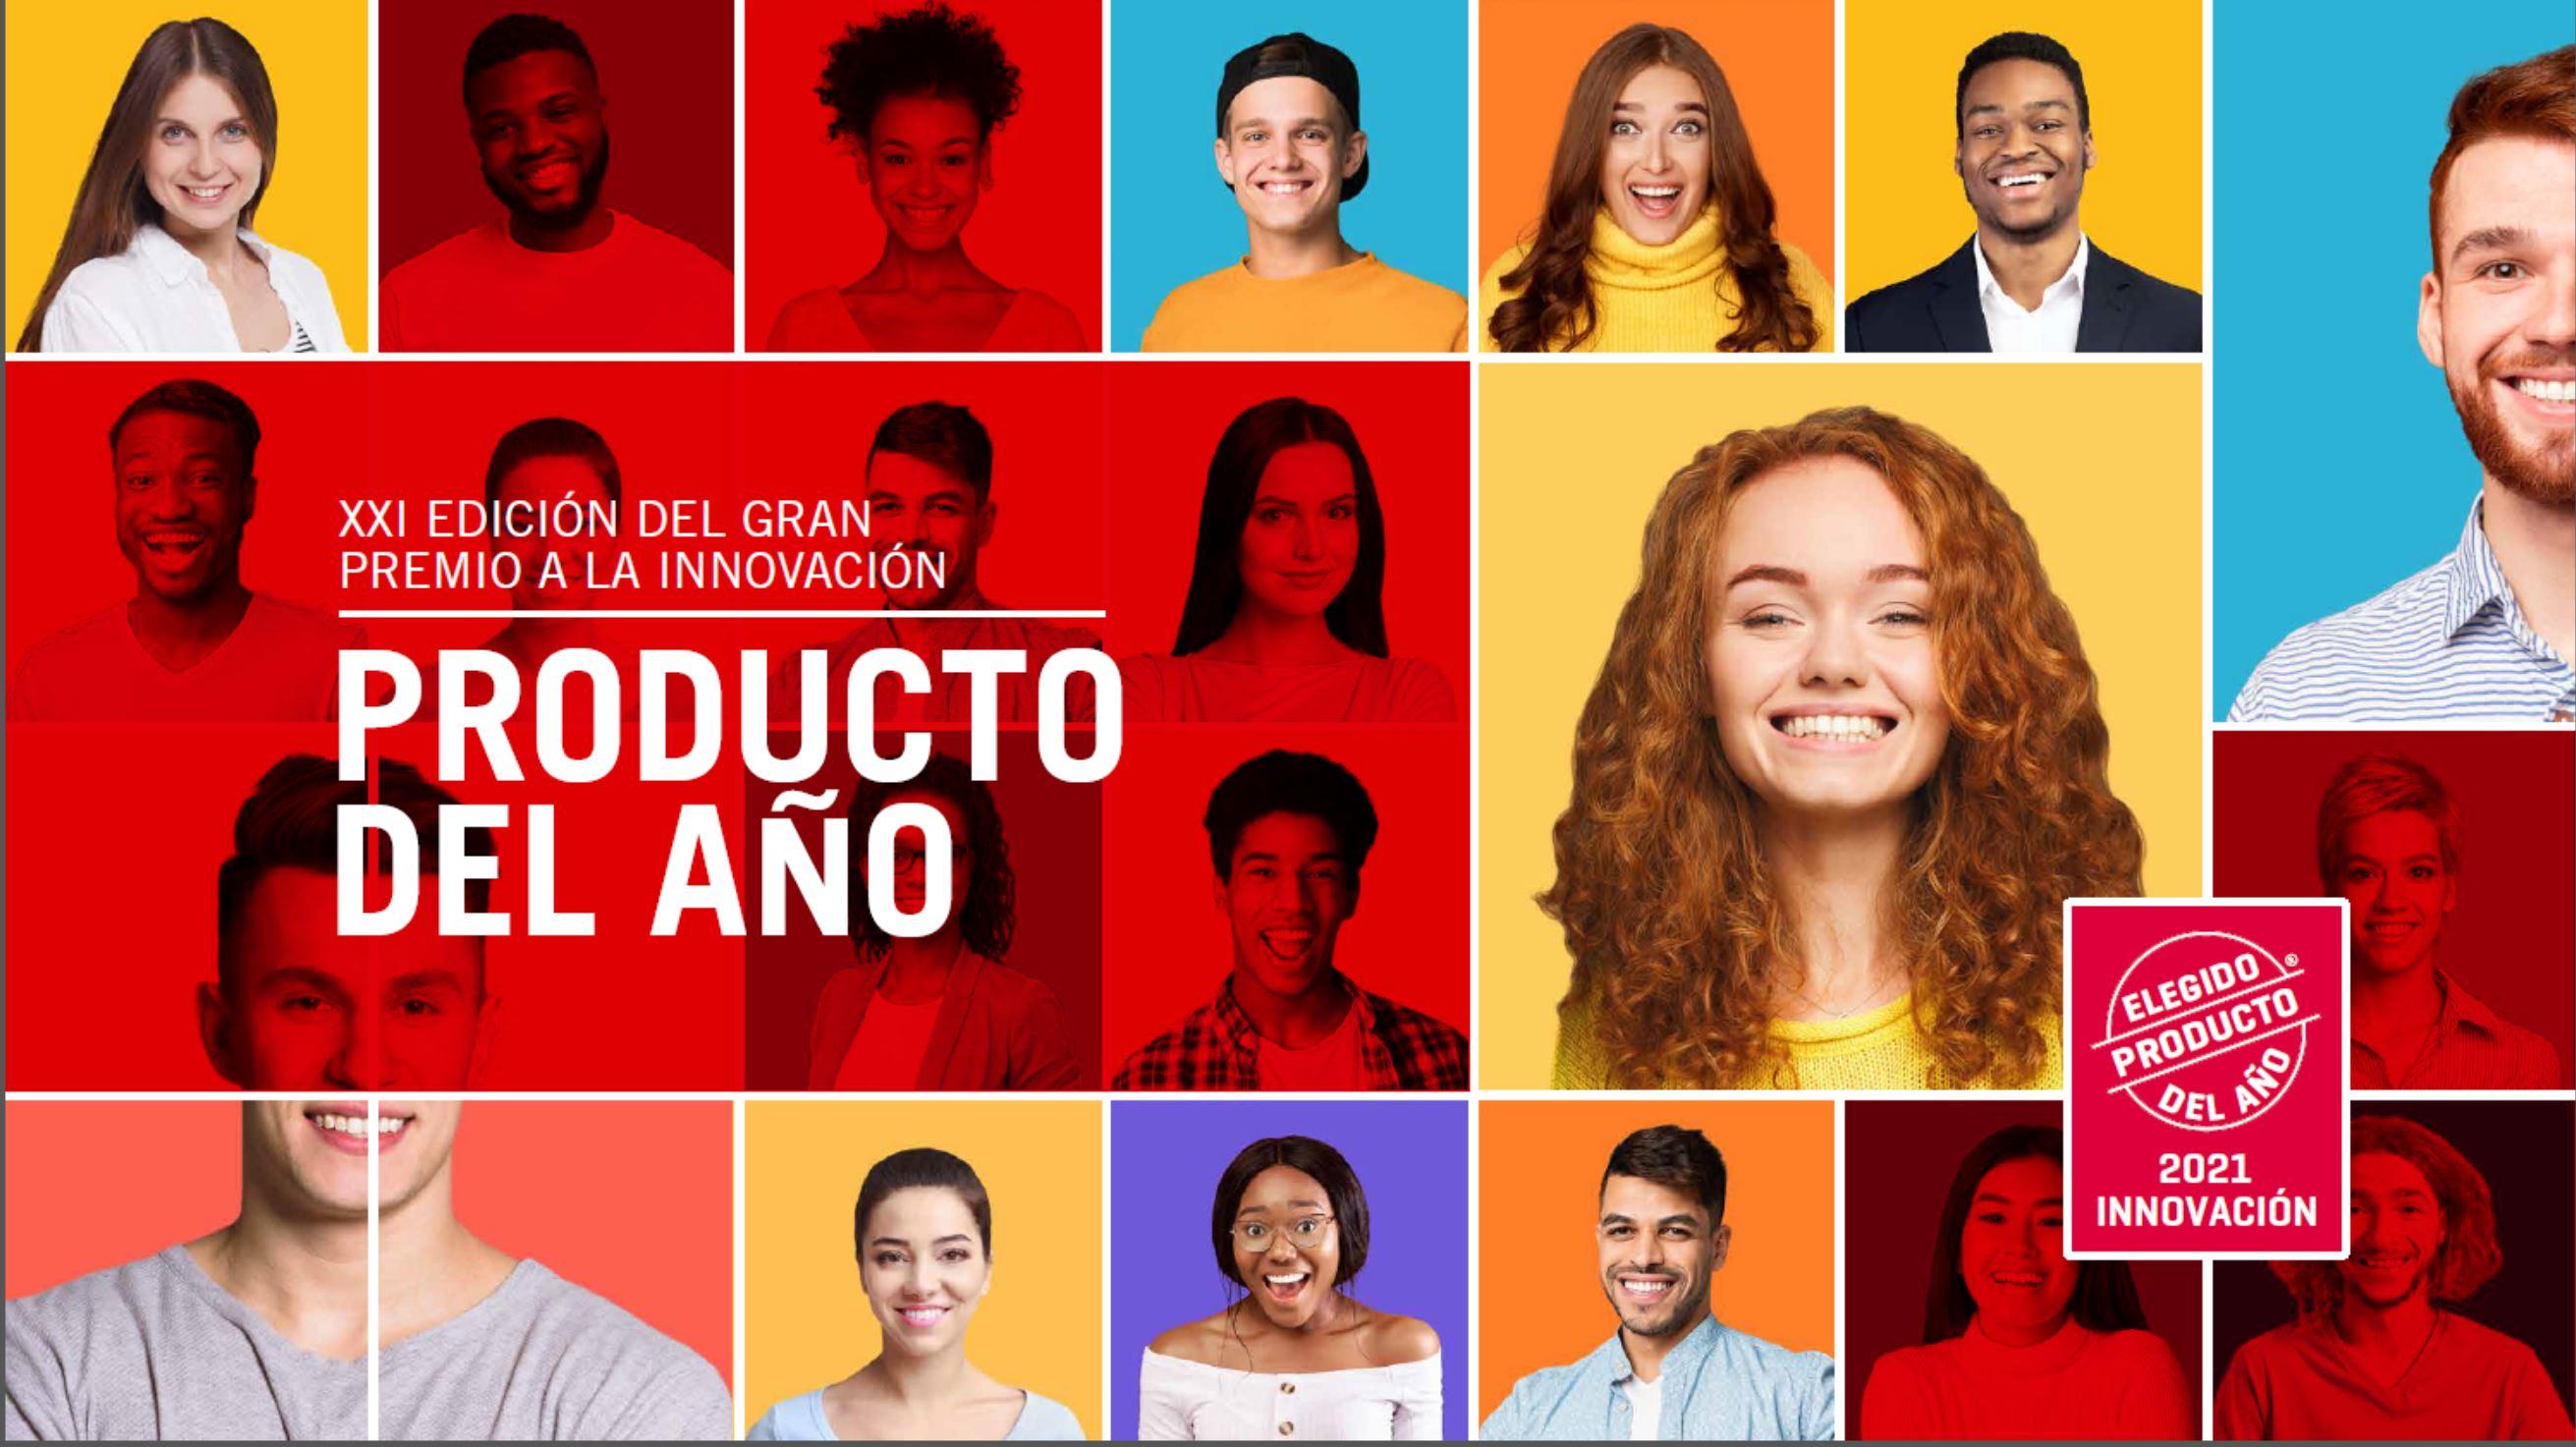 24/02/2021 Ceremonia De Entrega De Galardones Producto Del Año 2021